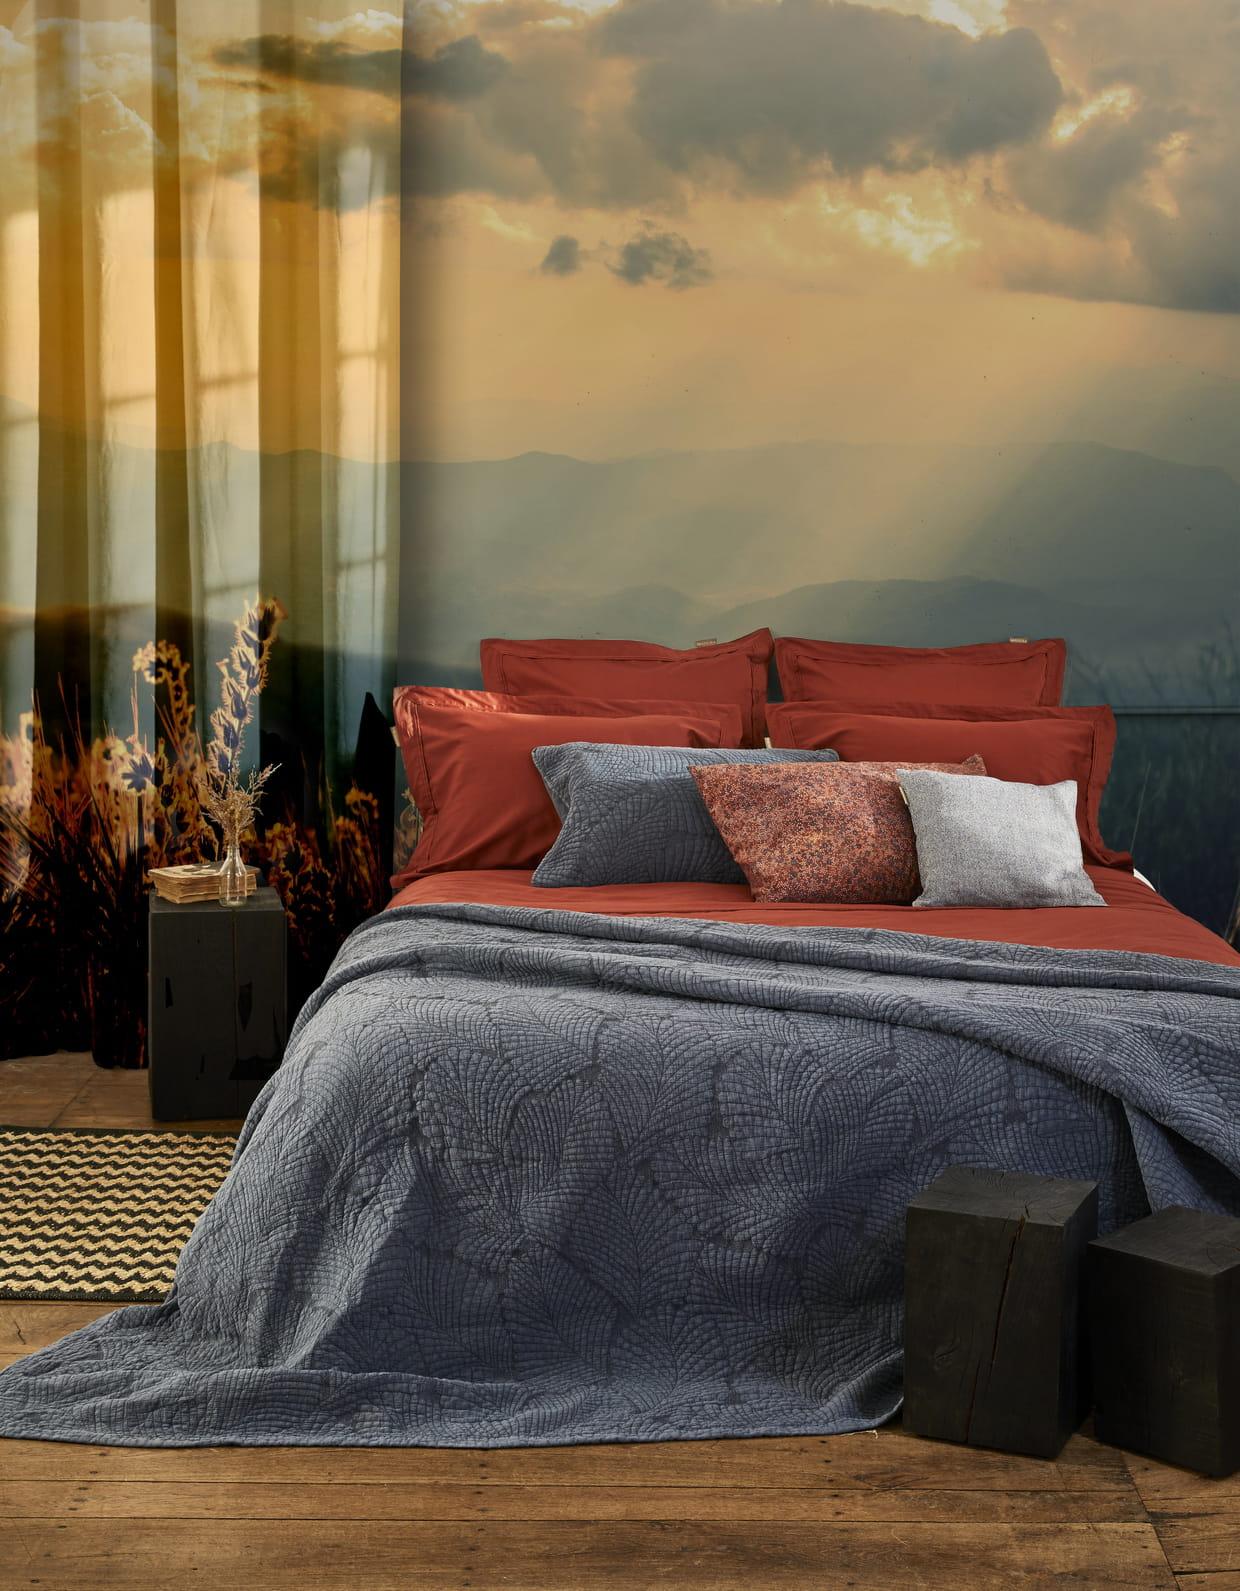 housse de couette aurore et couvre lit latania de madura. Black Bedroom Furniture Sets. Home Design Ideas